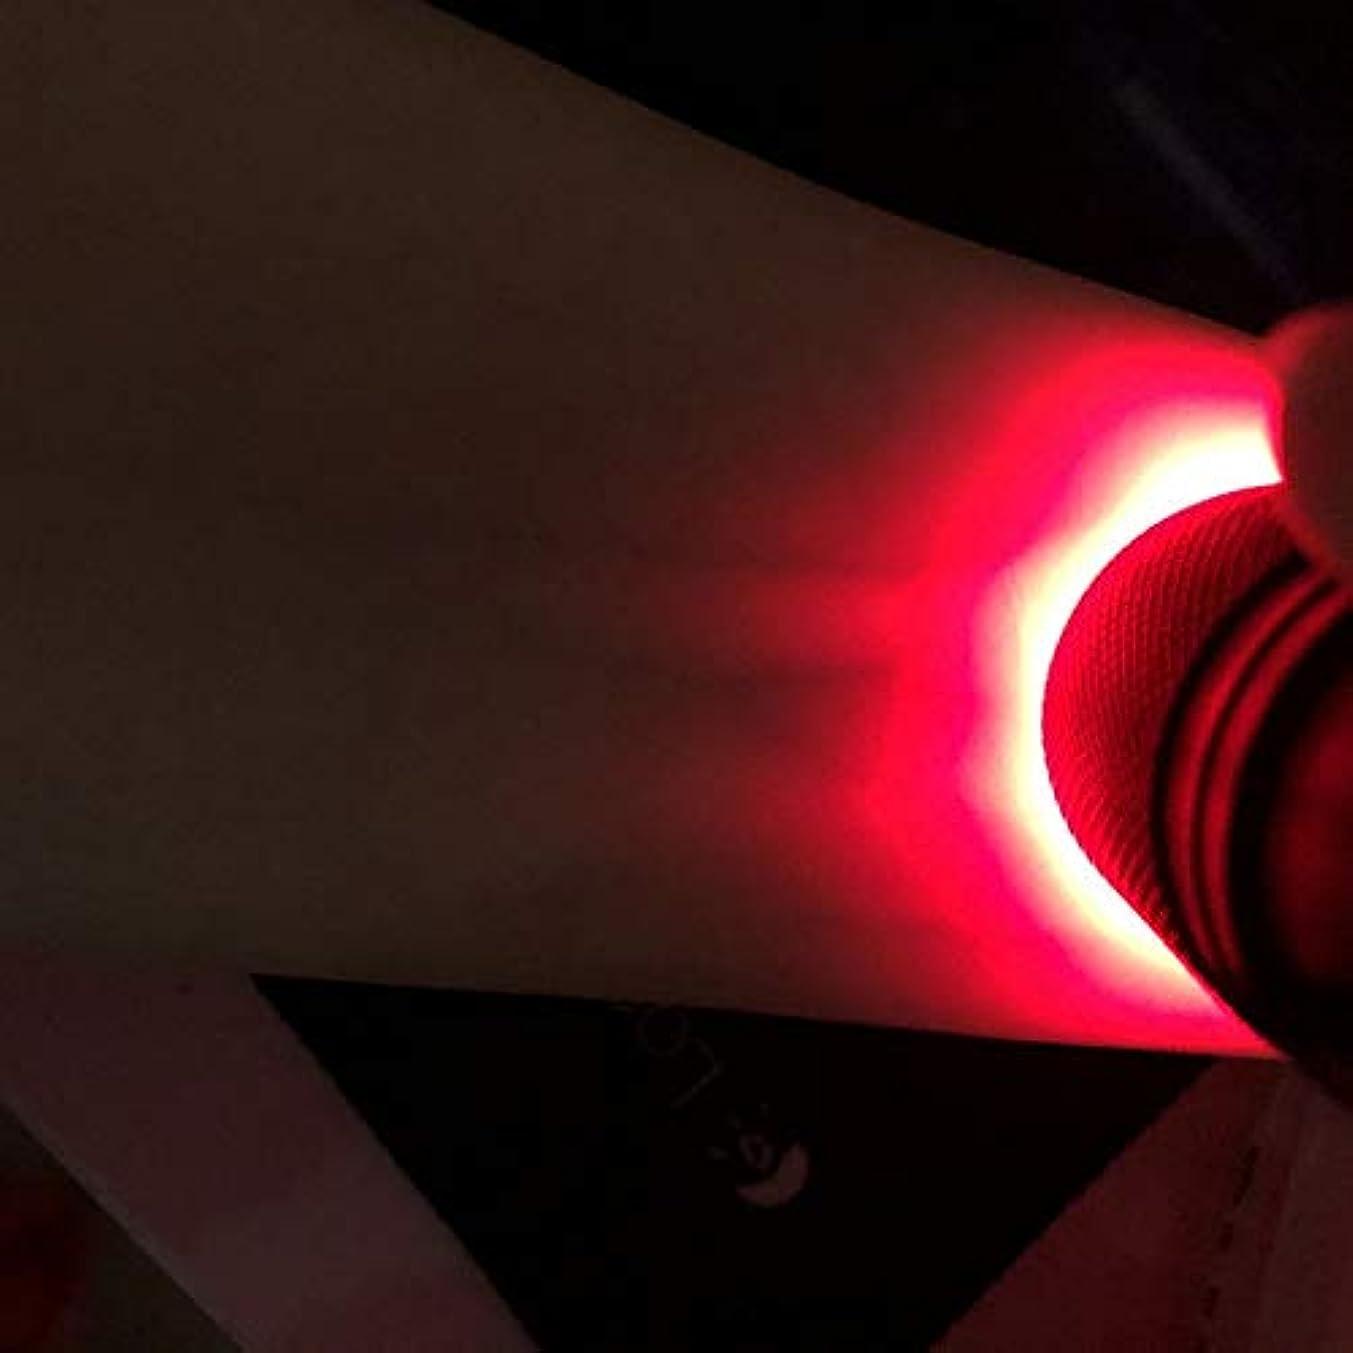 考古学靄皮静脈イメージング懐中電灯血管ディスプレイ懐中電灯手穿刺による血管ライトの確認皮下静脈デバイスの発見が容易